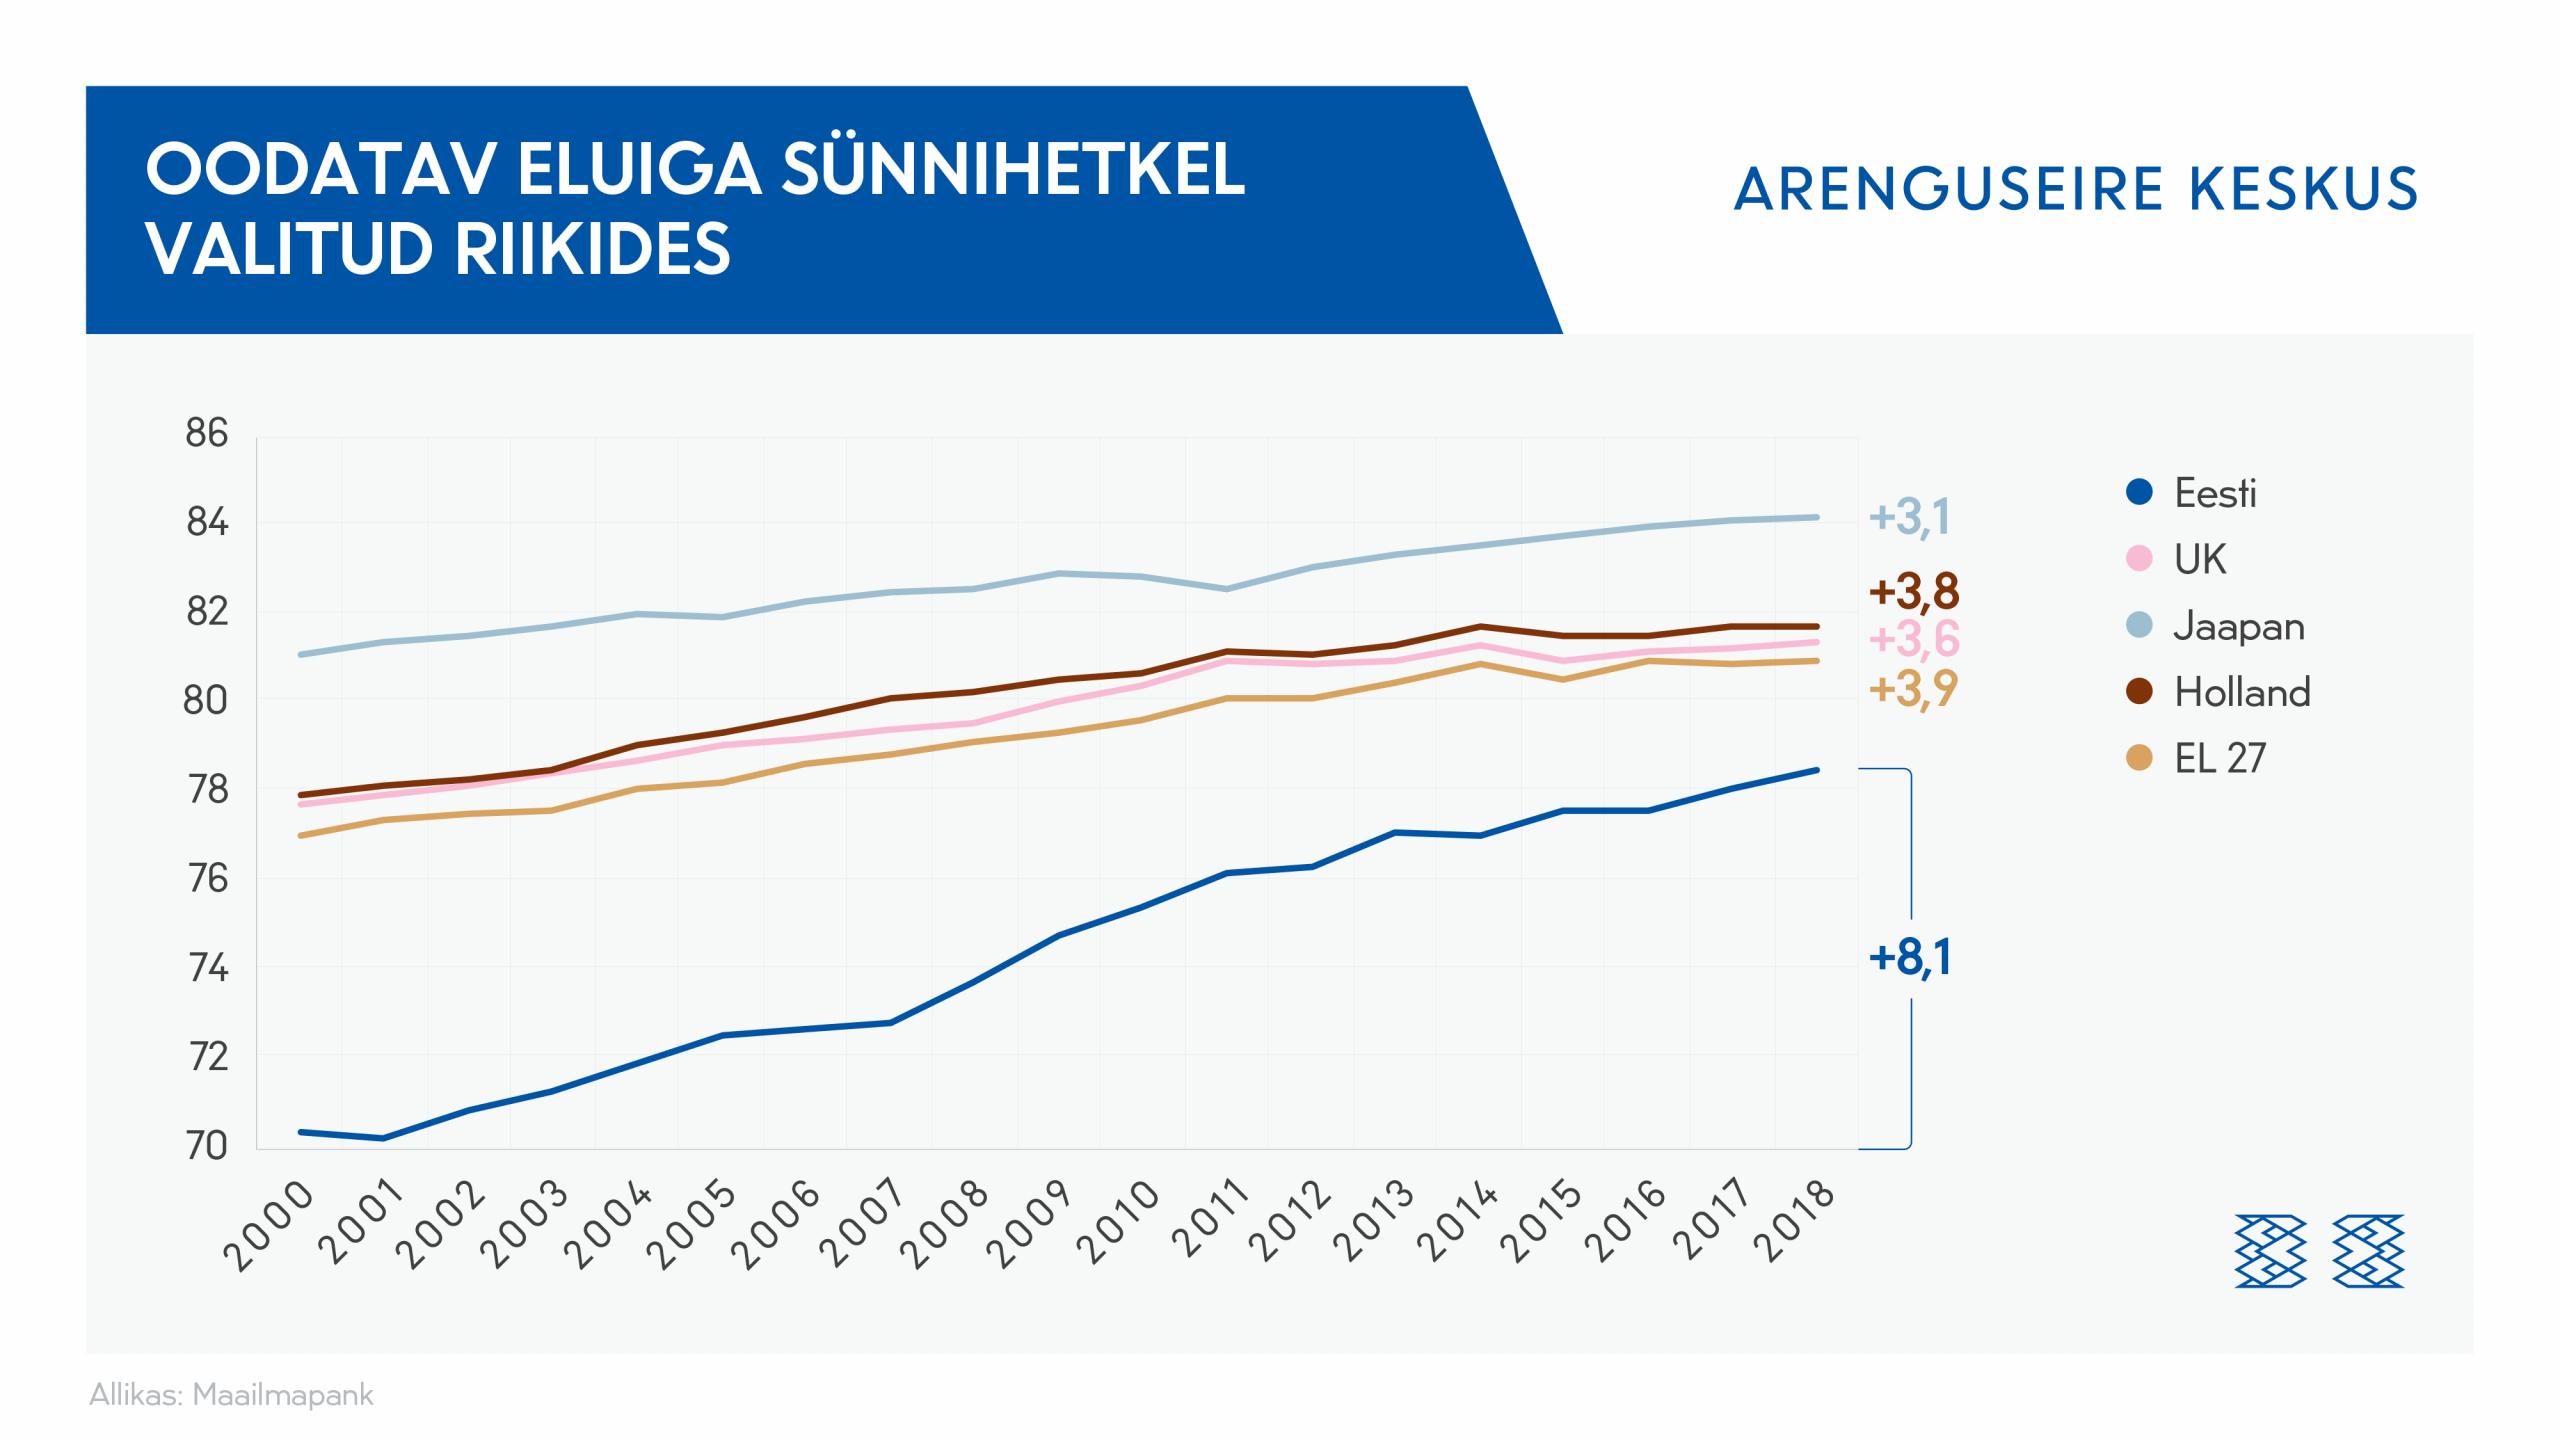 Graafik: Oodatav eluiga sünnihetkel Eestis, Suurbritannias, Jaapanis, Hollandis, EL27